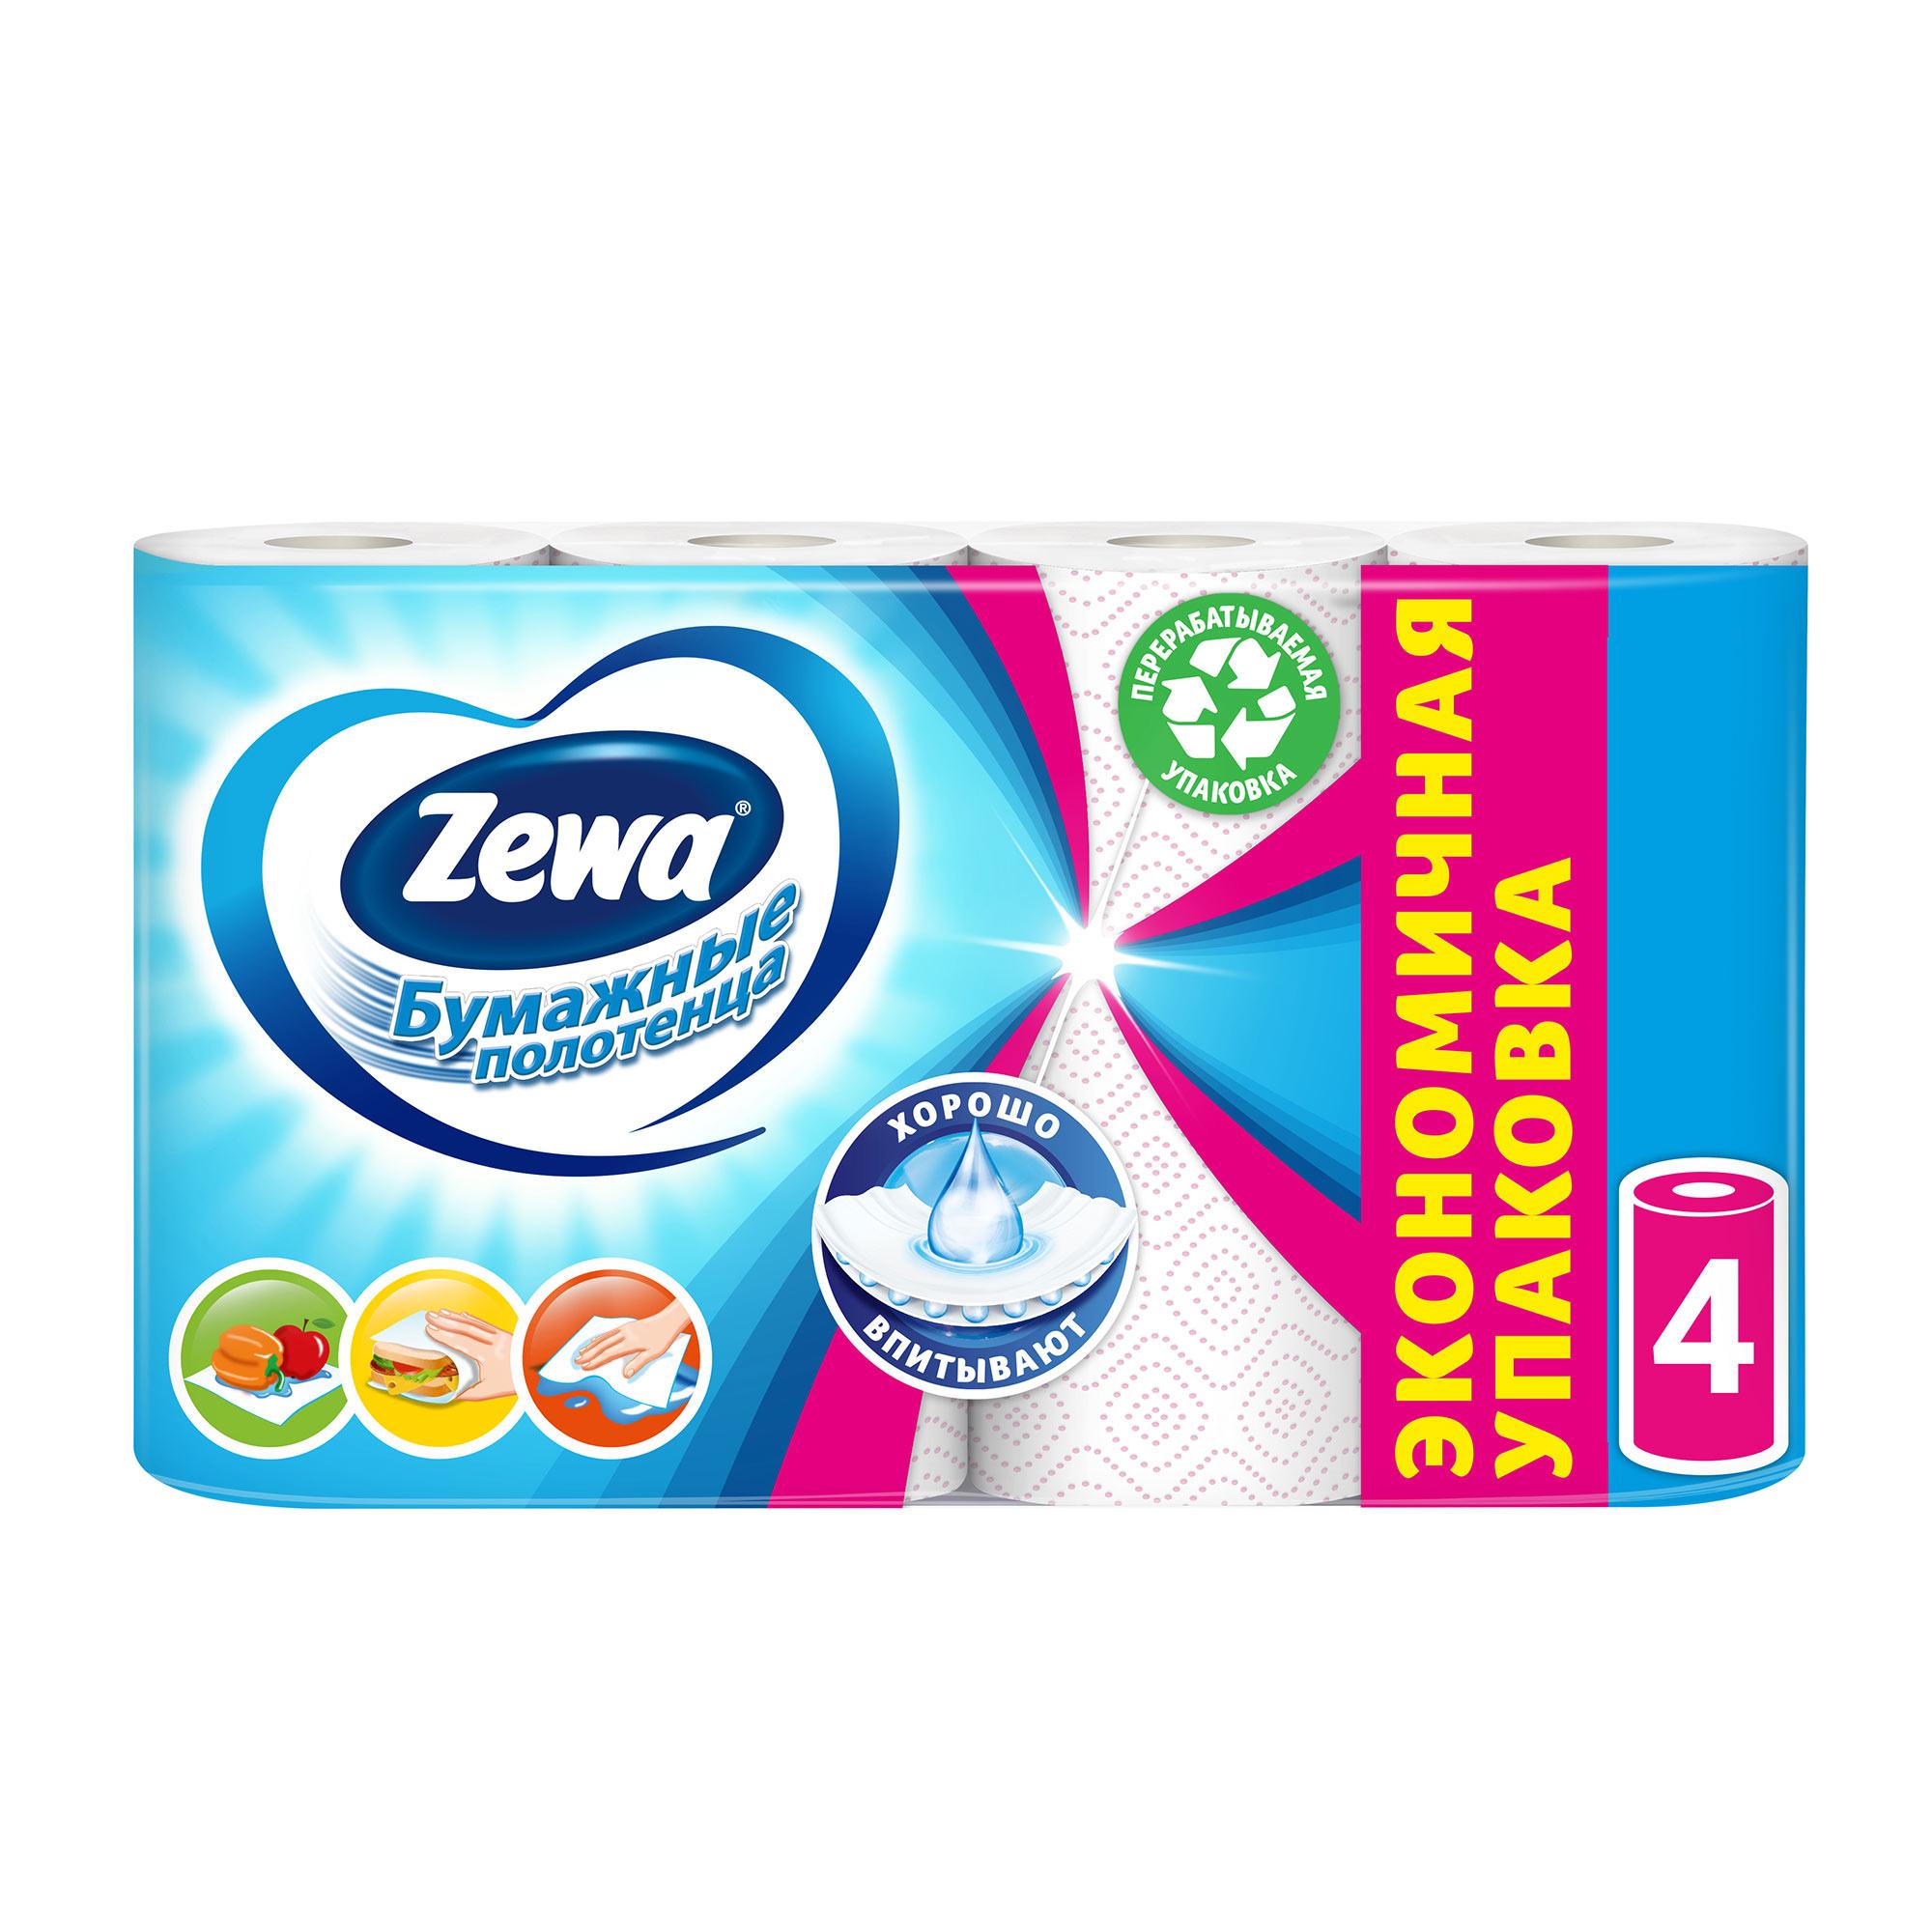 Фото - Бумажные полотенца Zewa Декор, 4 рулона полотенца бумажные zewa premium 2 слоя 2 рулона